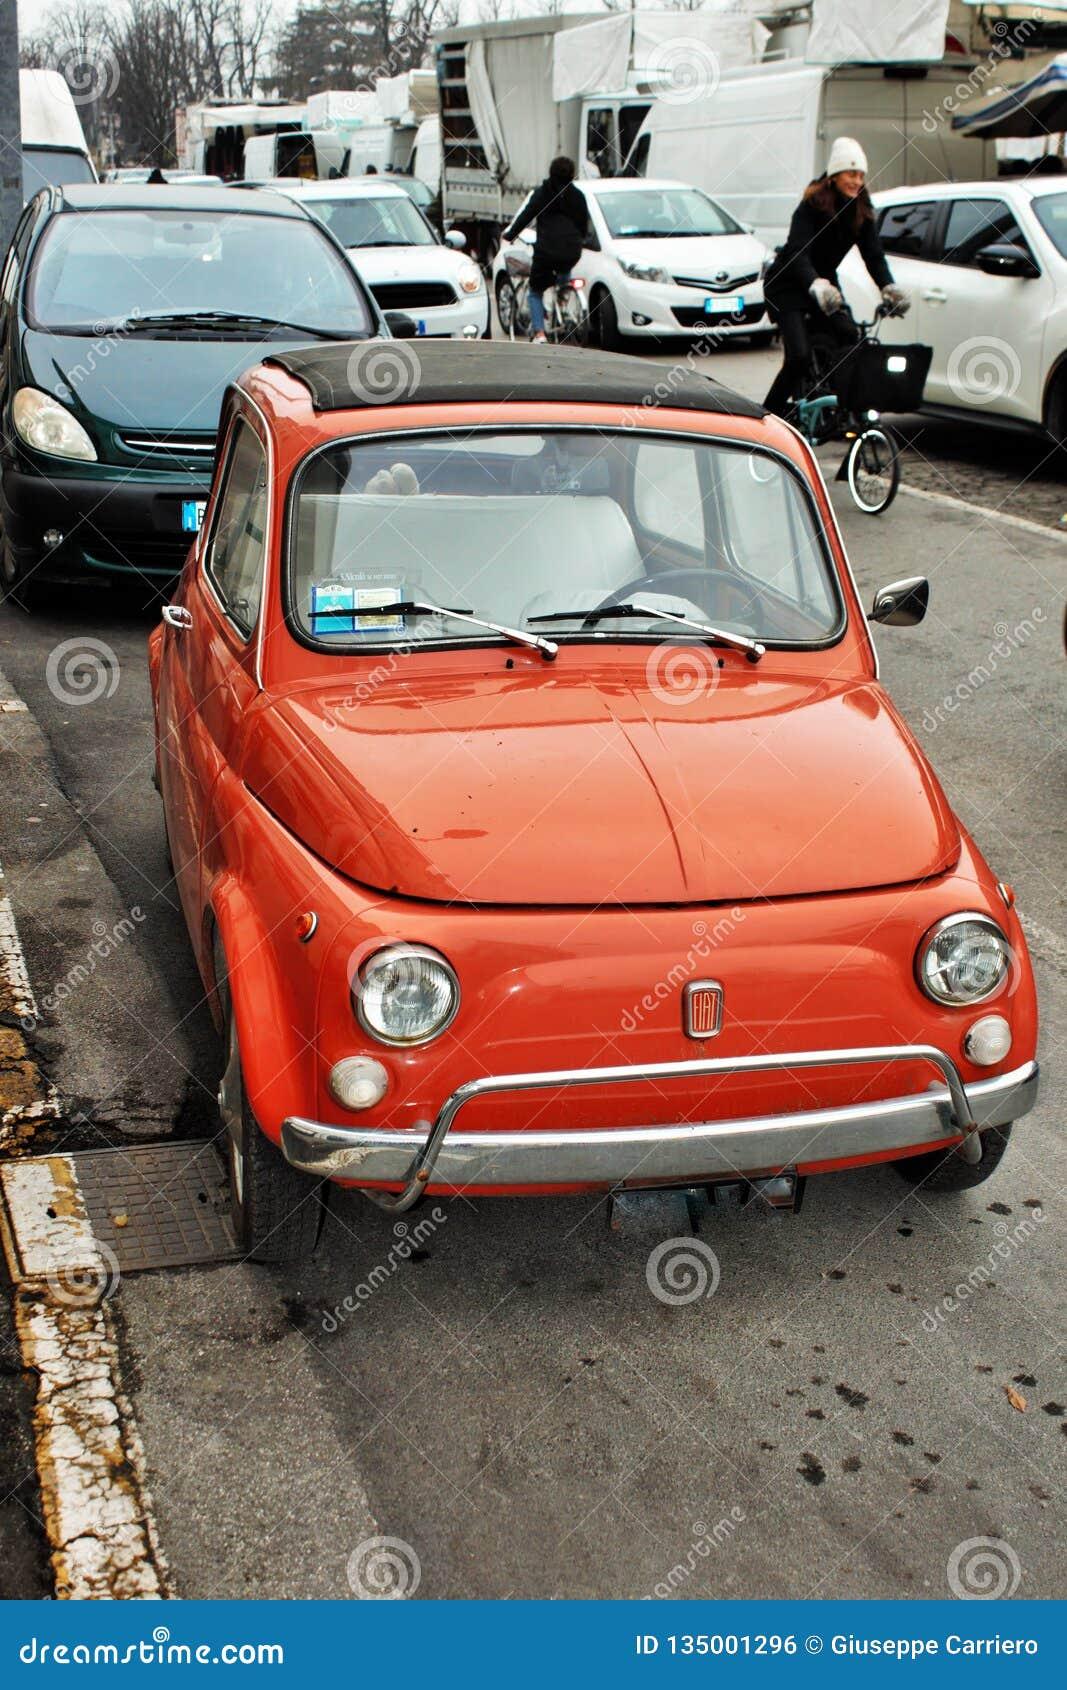 Bello Fiat 500 primi modelli, riusciva molto in Italia intorno agli anni 60/70